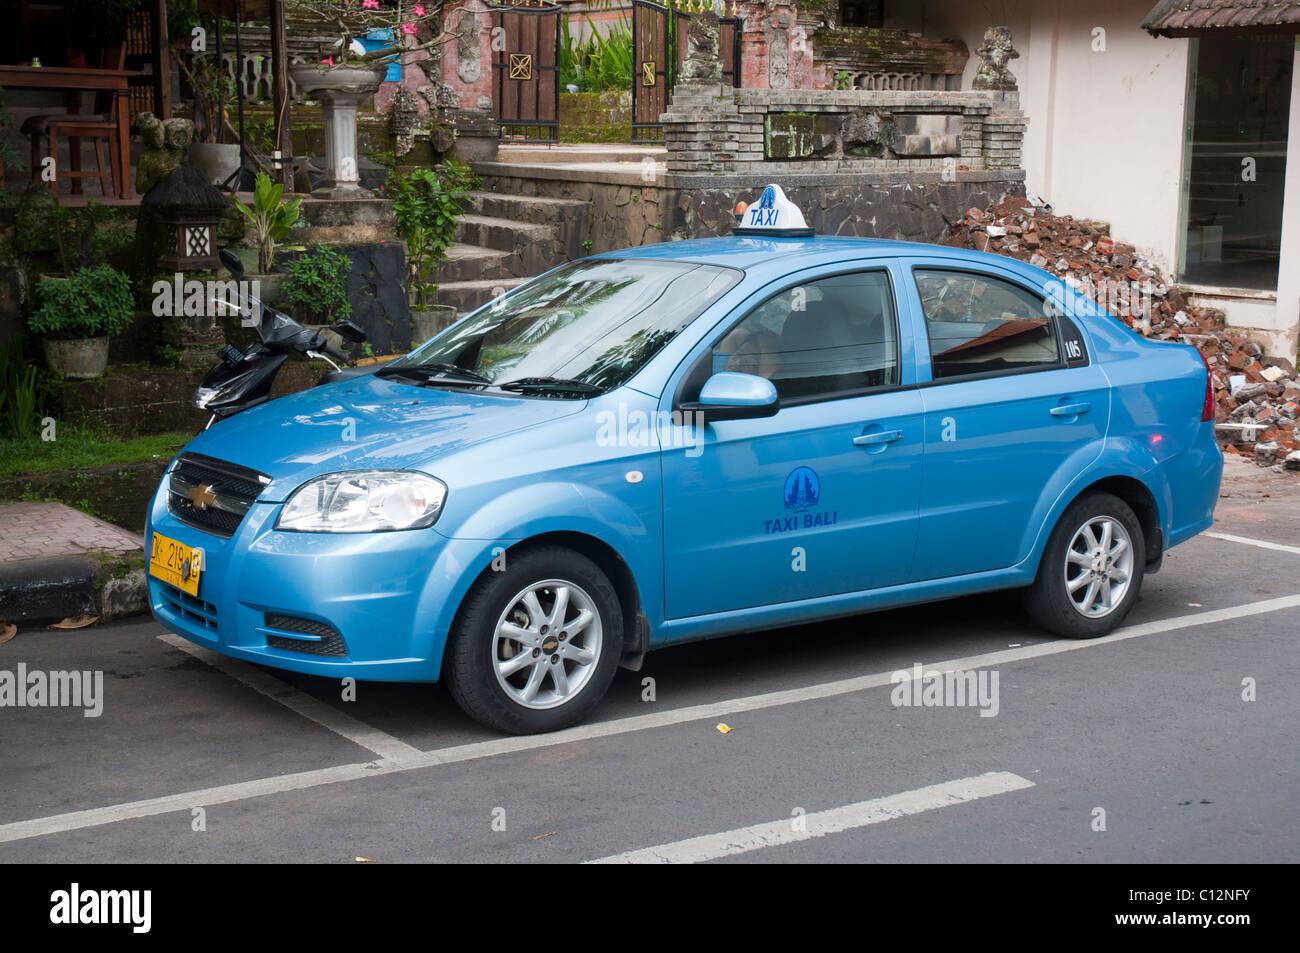 Bluebird taxi in Ubud Bali Indonesia Stock Photo: 35096207 ...